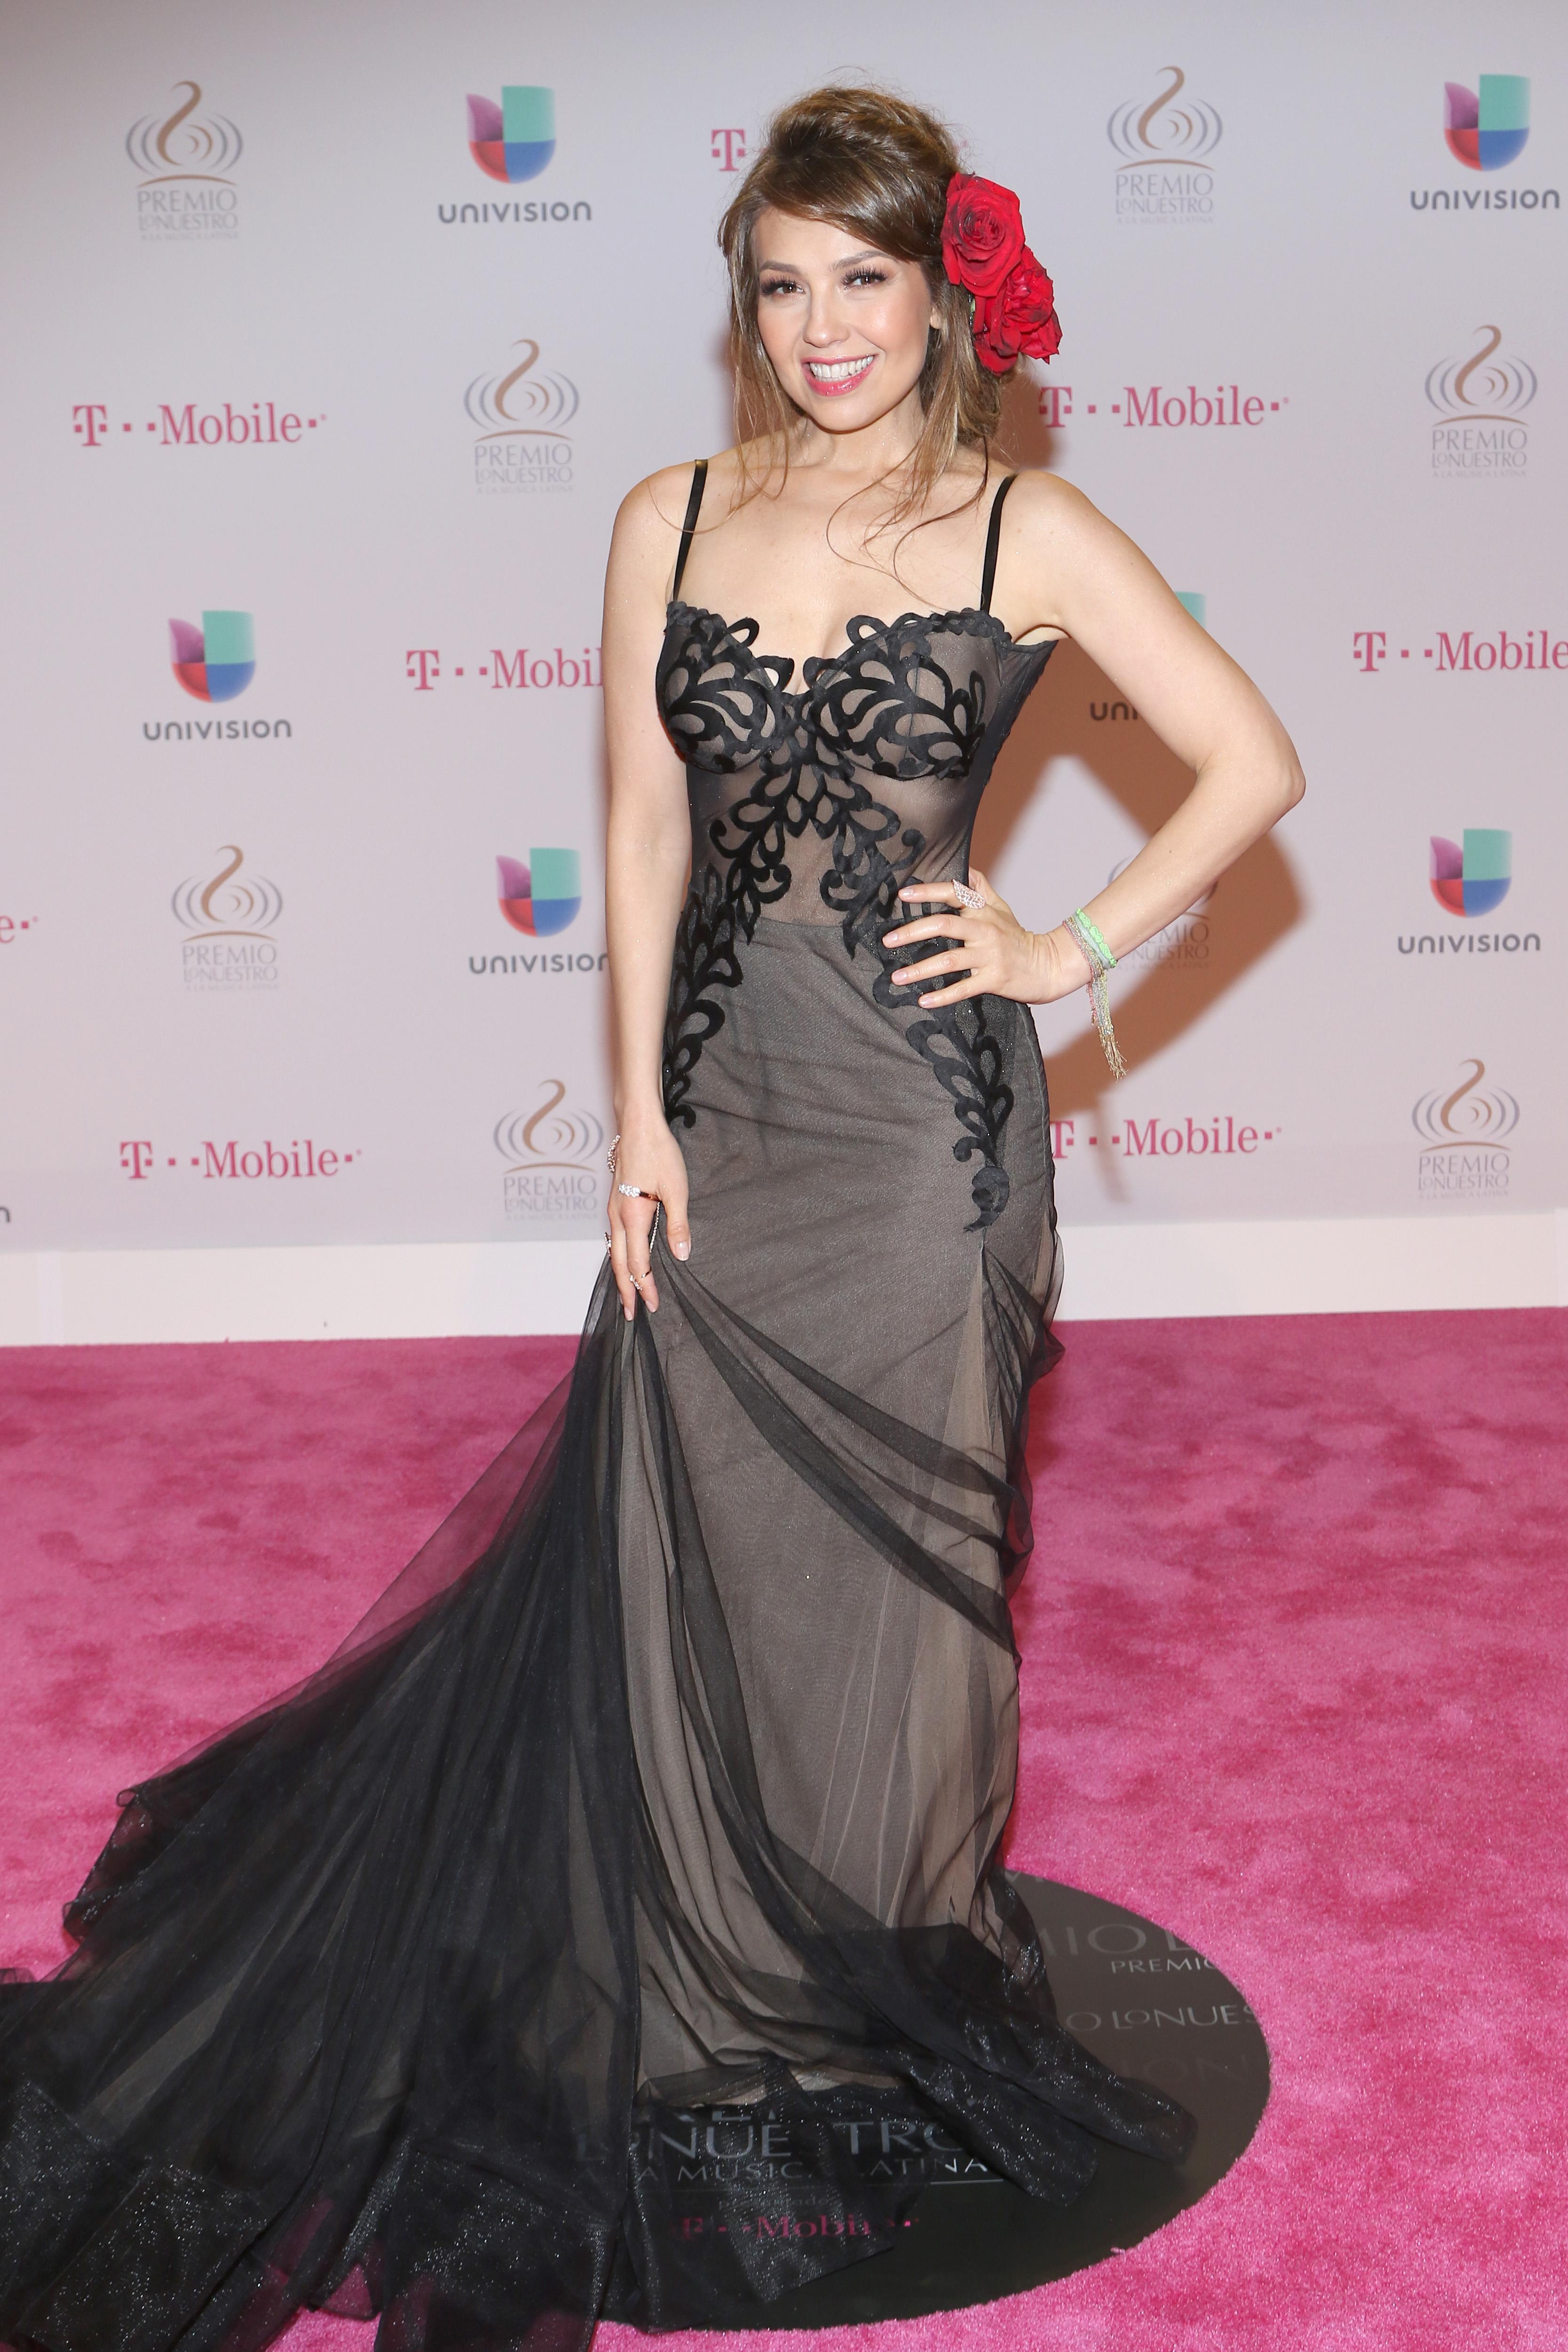 Thalía, Premios Lo Nuestro